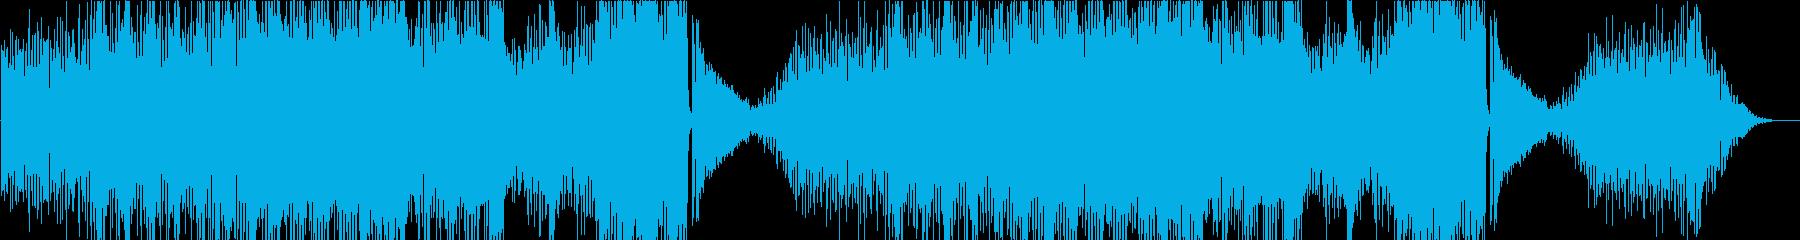 民族楽器を使った賑やかな曲の再生済みの波形